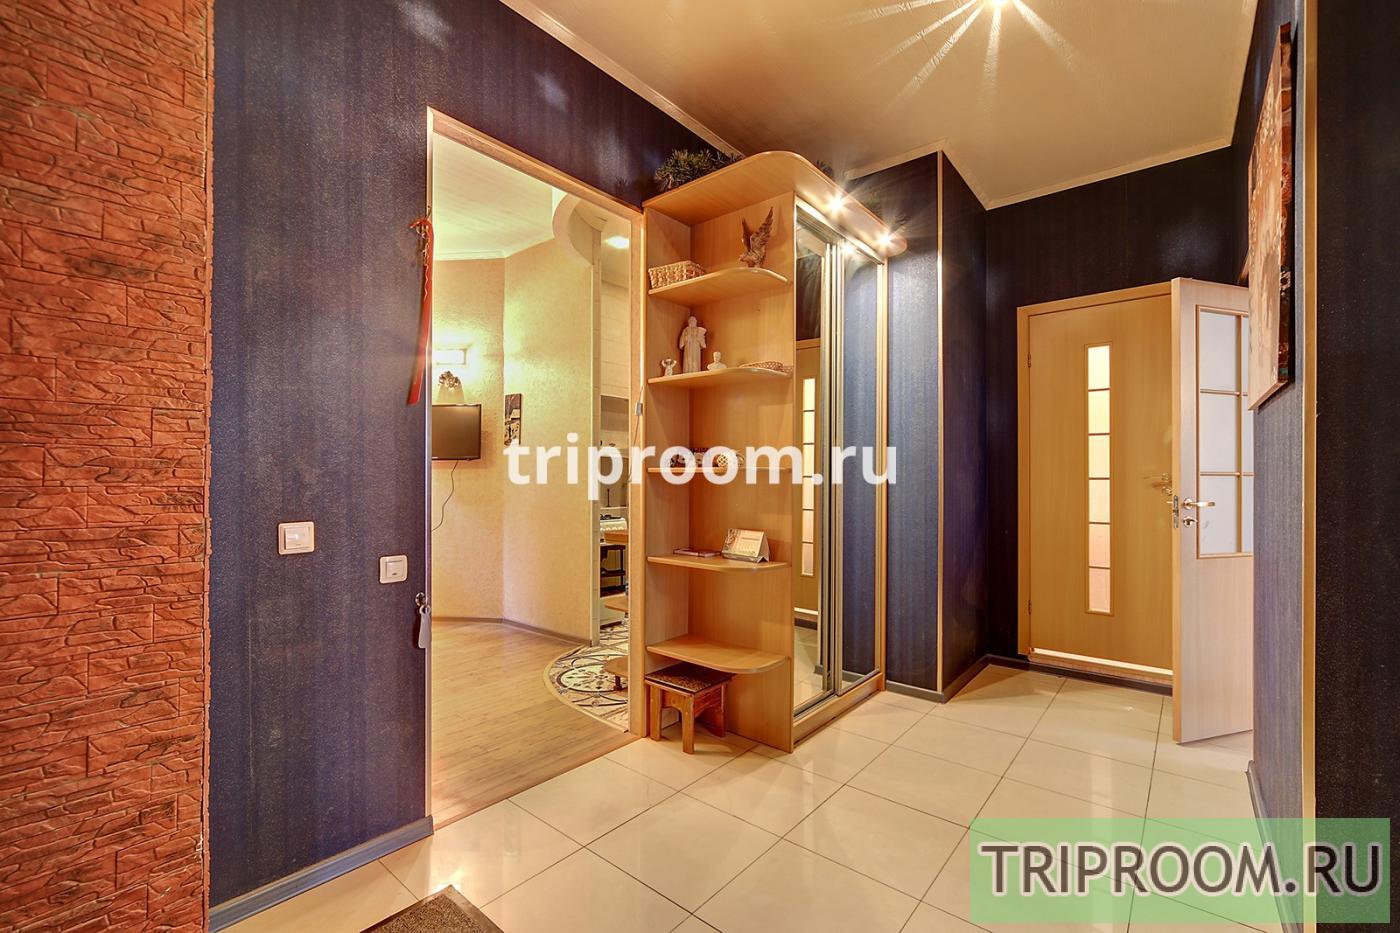 2-комнатная квартира посуточно (вариант № 15459), ул. Адмиралтейская набережная, фото № 22